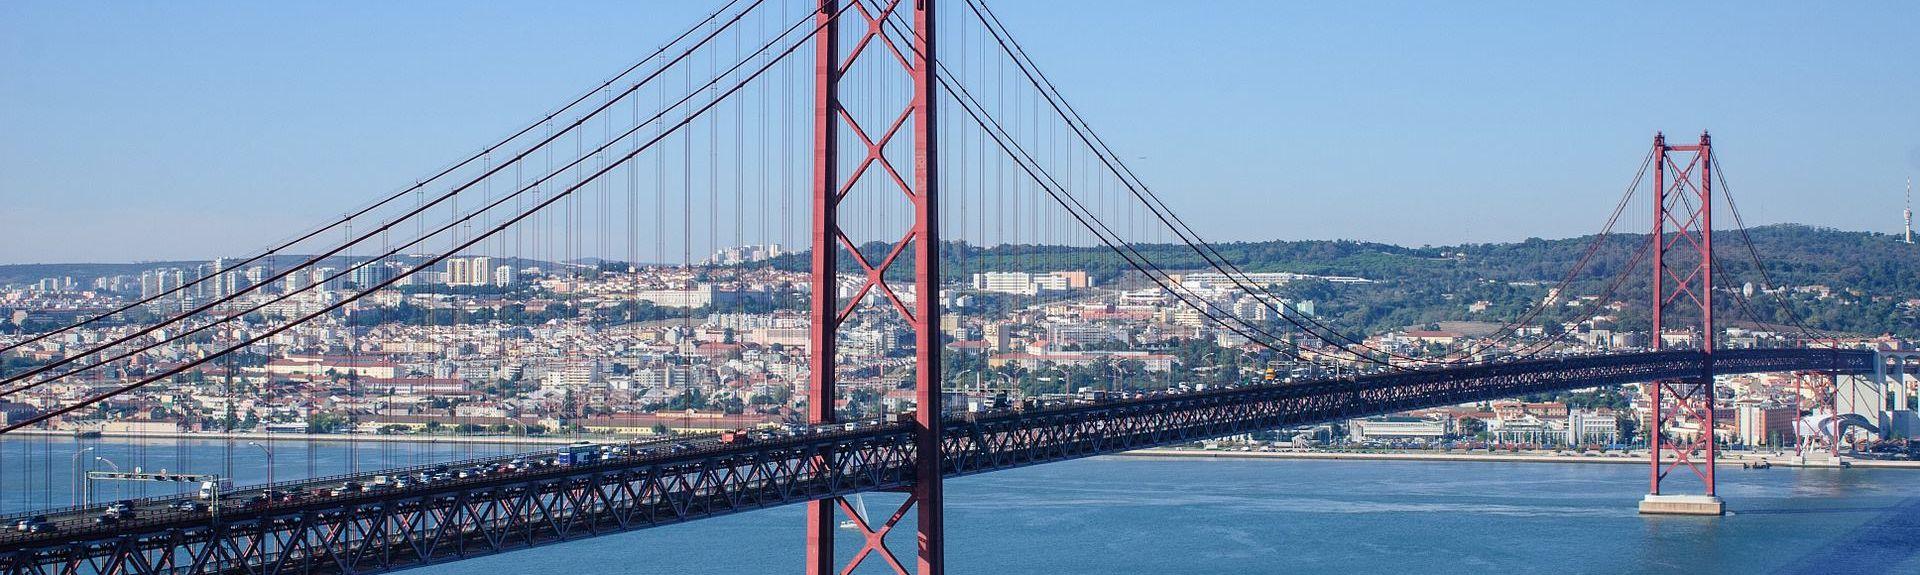 São José, Portugal